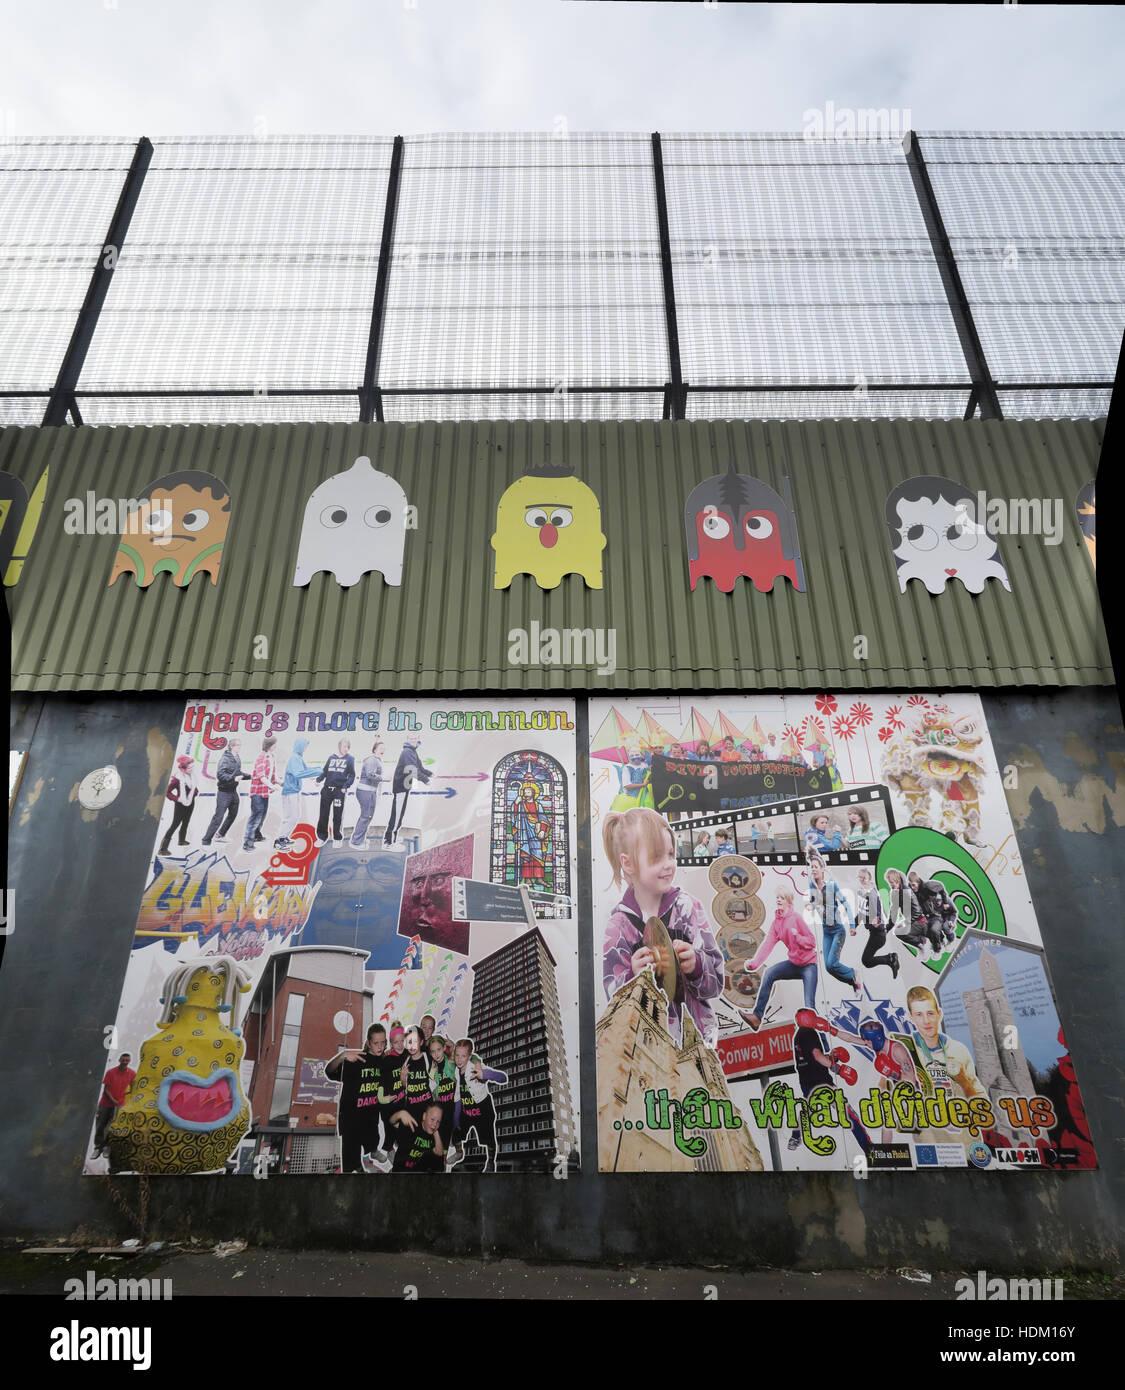 Tenemos más en común... La paz internacional de Belfast pared,Cupar forma,West Belfast,NI,UK Imagen De Stock